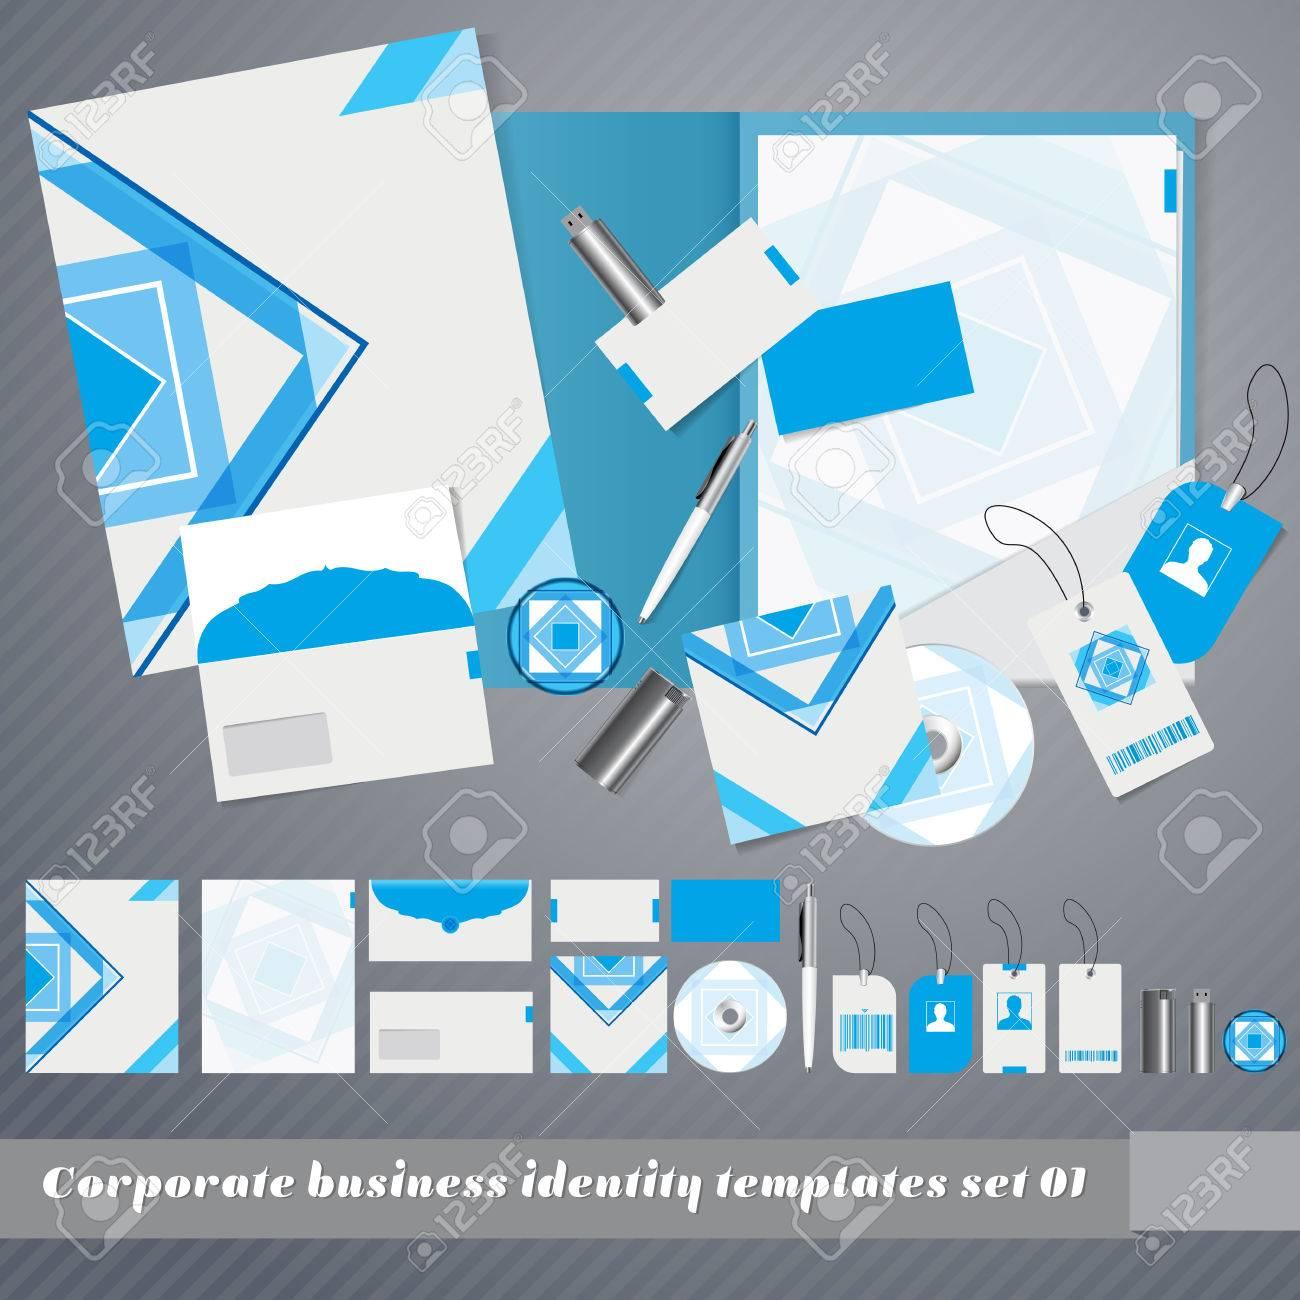 Plantillas De Identidad Corporativa Diseo La Carpeta Tarjetas Visita Papel Carta Sobres Disco